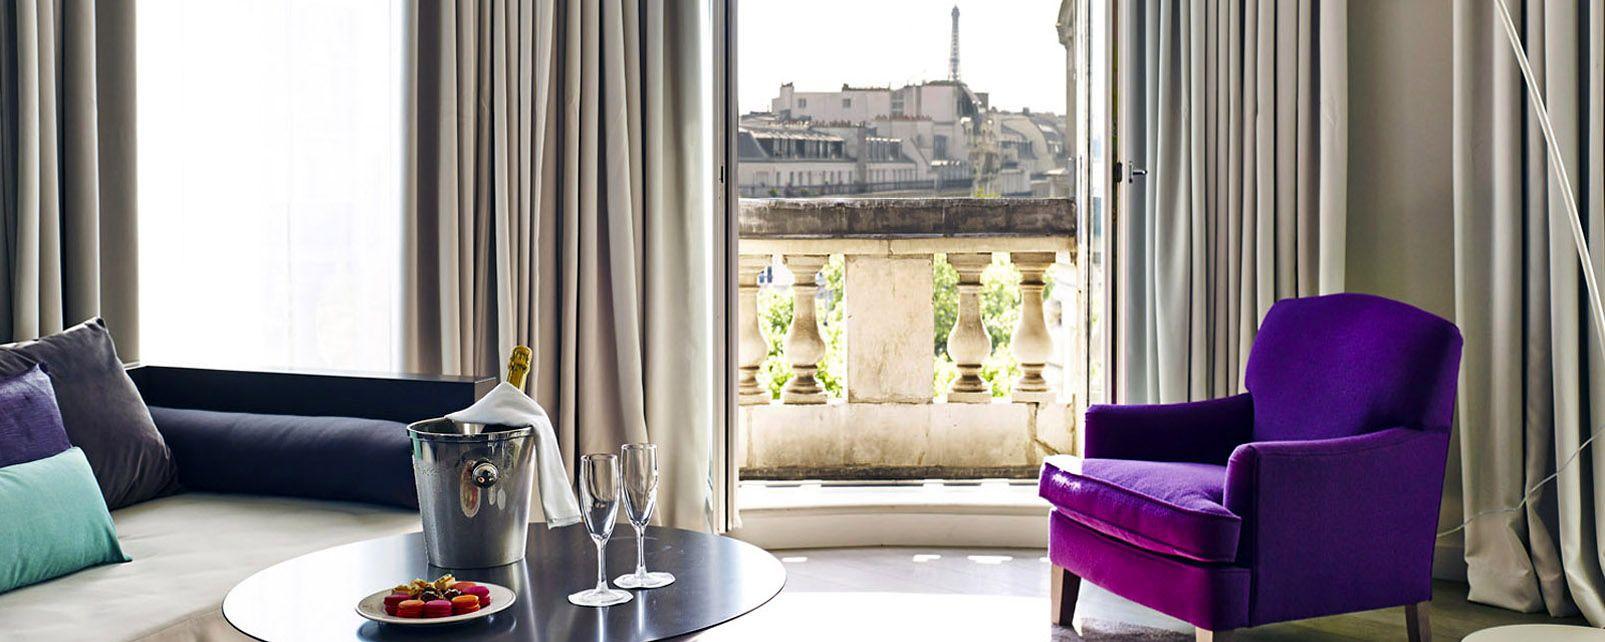 Hôtel Indigo Paris Opera